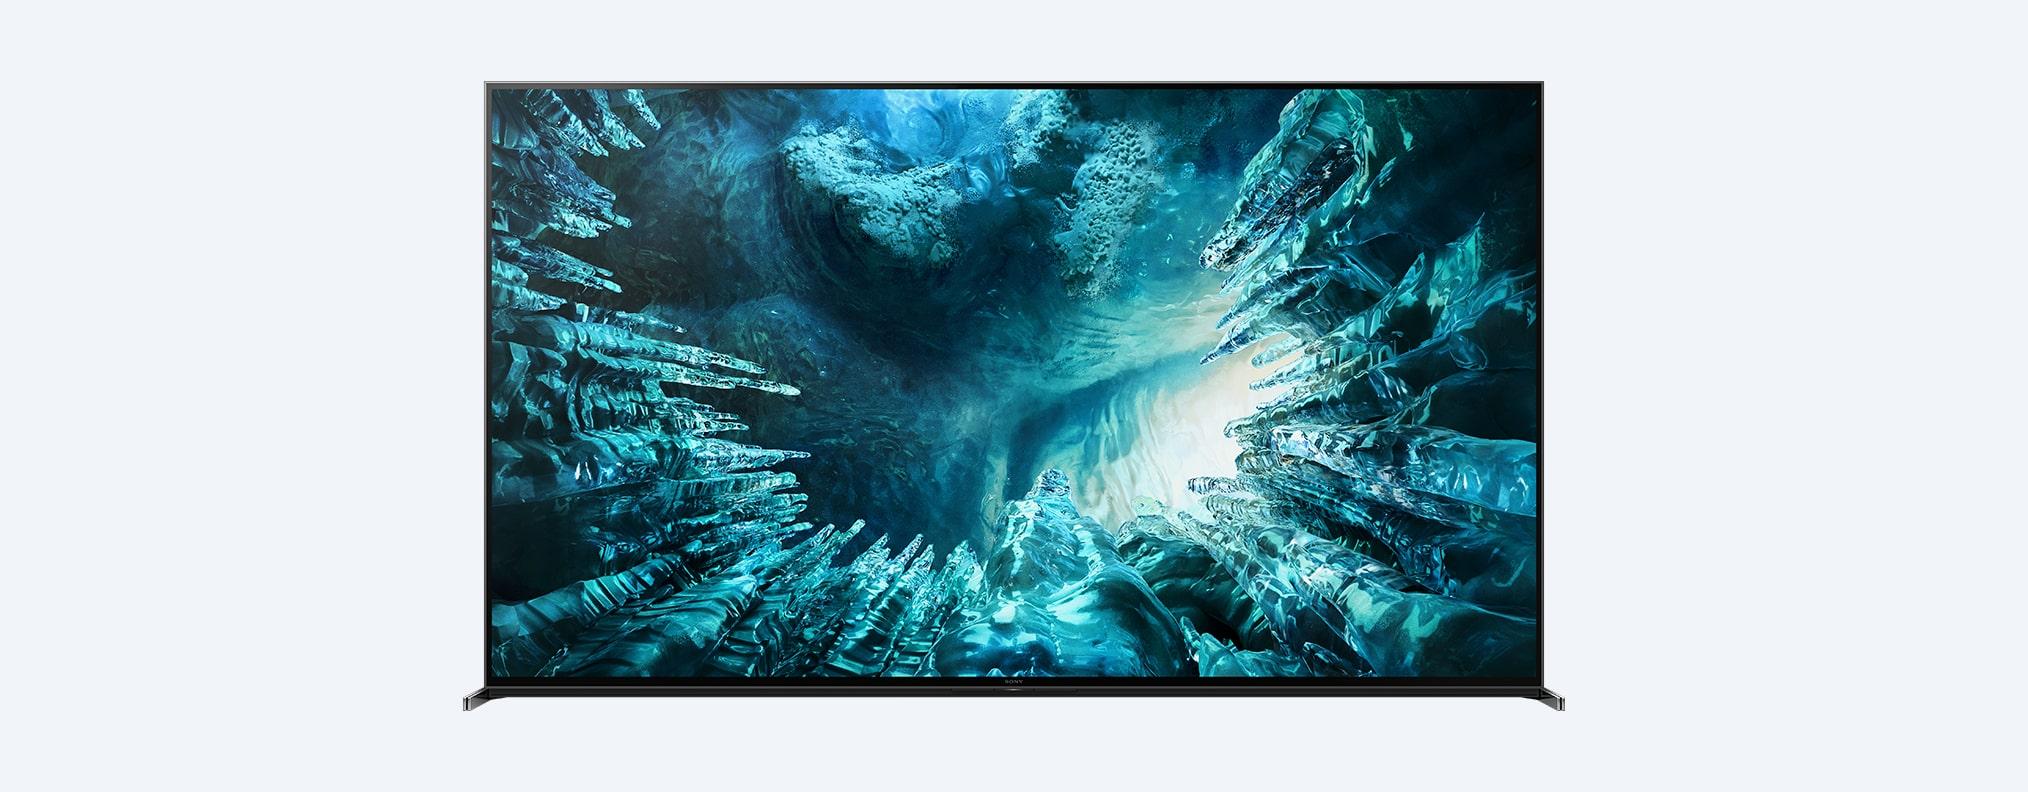 Sony HomeKit 2020 TV Z8H 8K